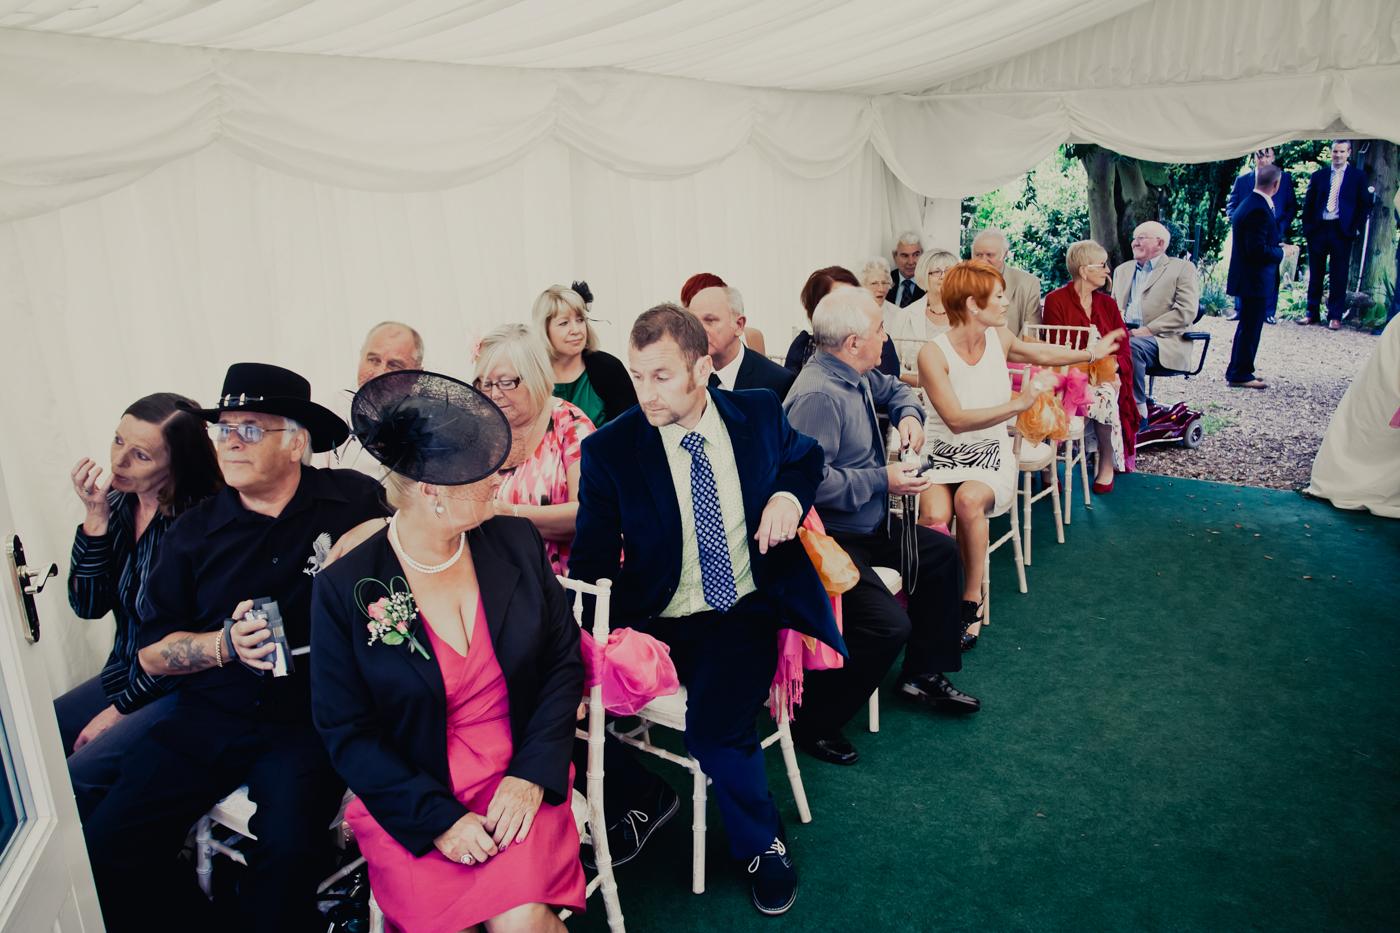 104 Keedy and Carl at The Secret Garden in Retford  - Wedding Photography by Mark Pugh www.markpugh.com_.jpg